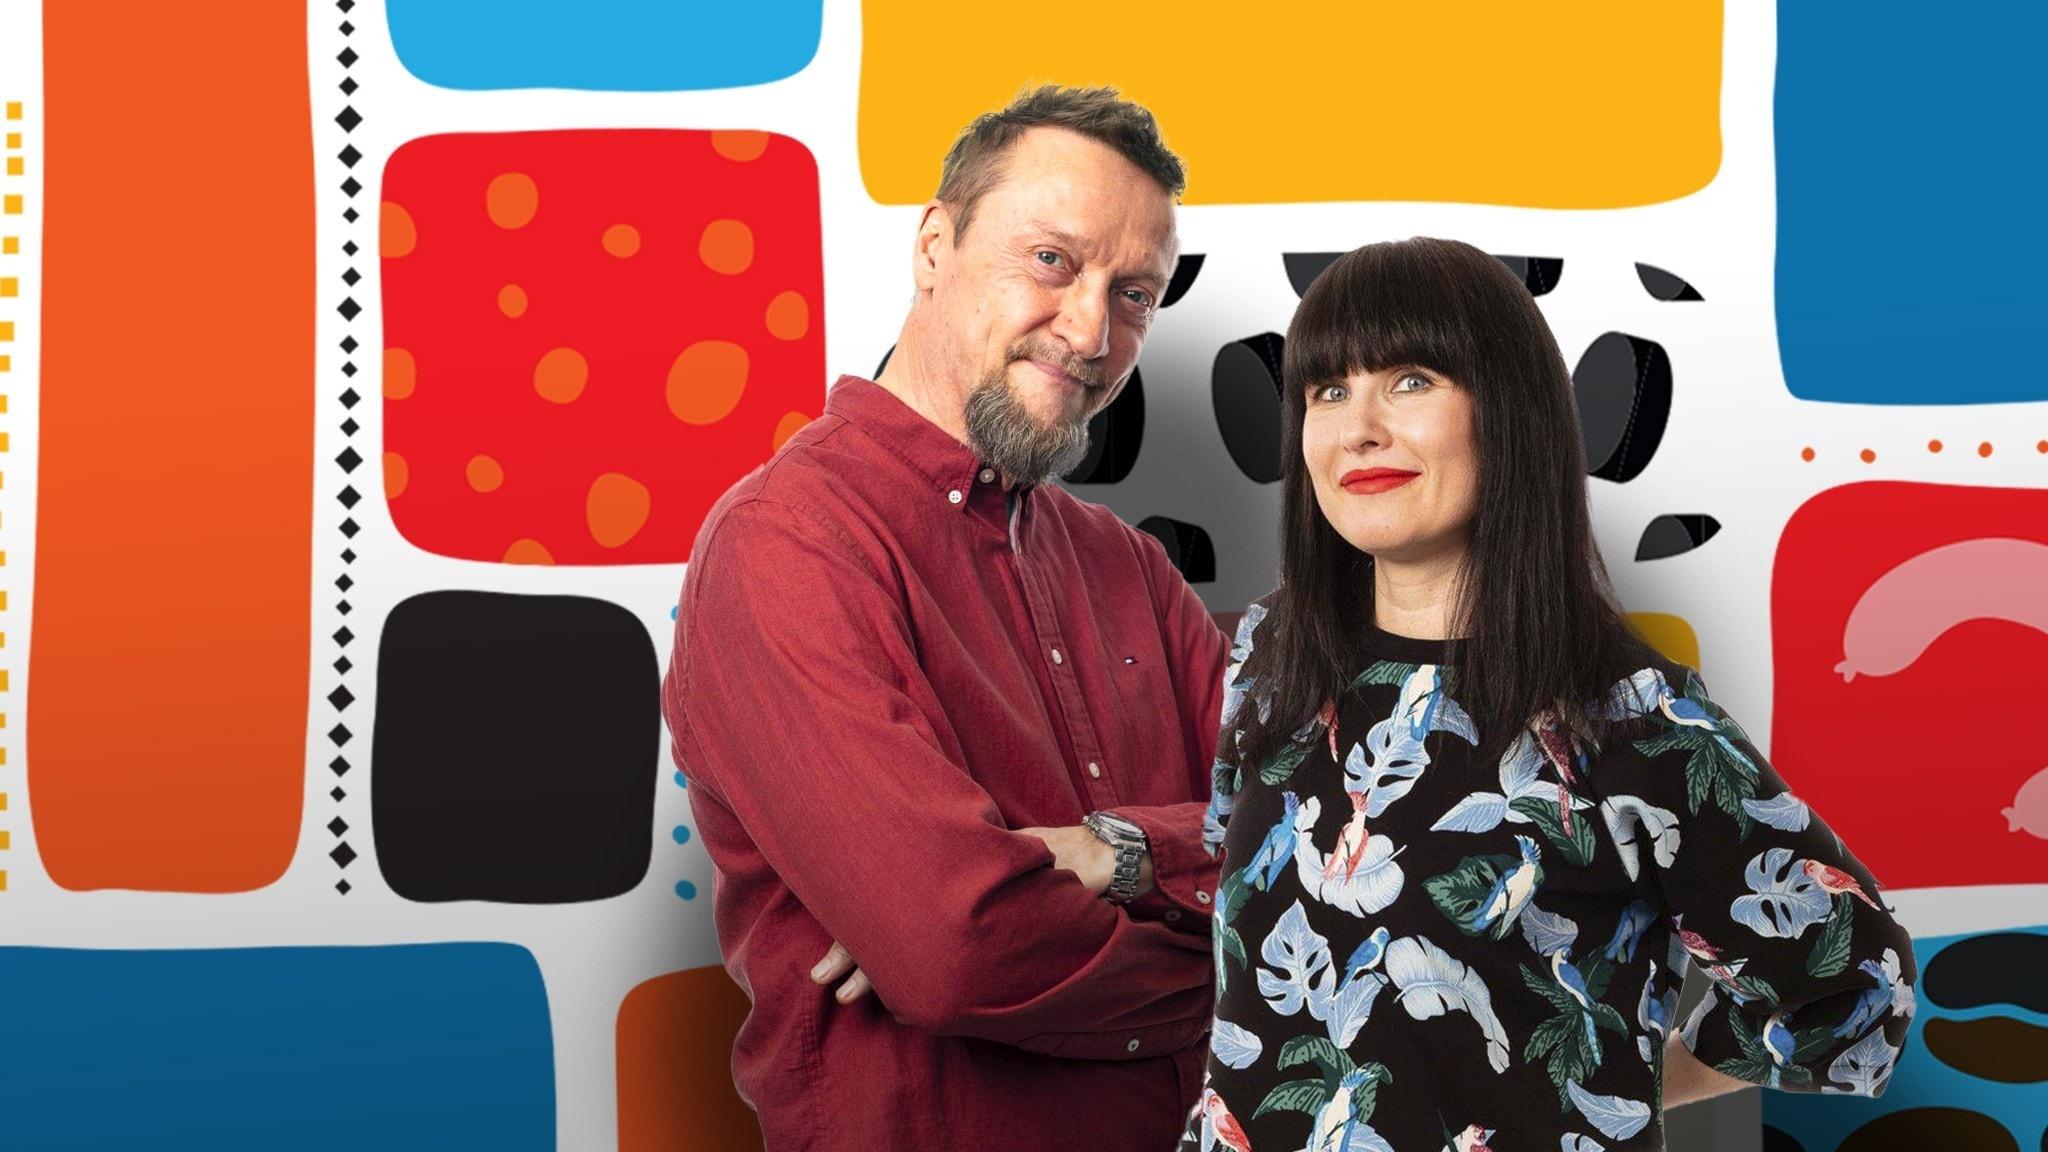 Programledarna Christer och Hanna framför en färggrann dekorbakgrund.